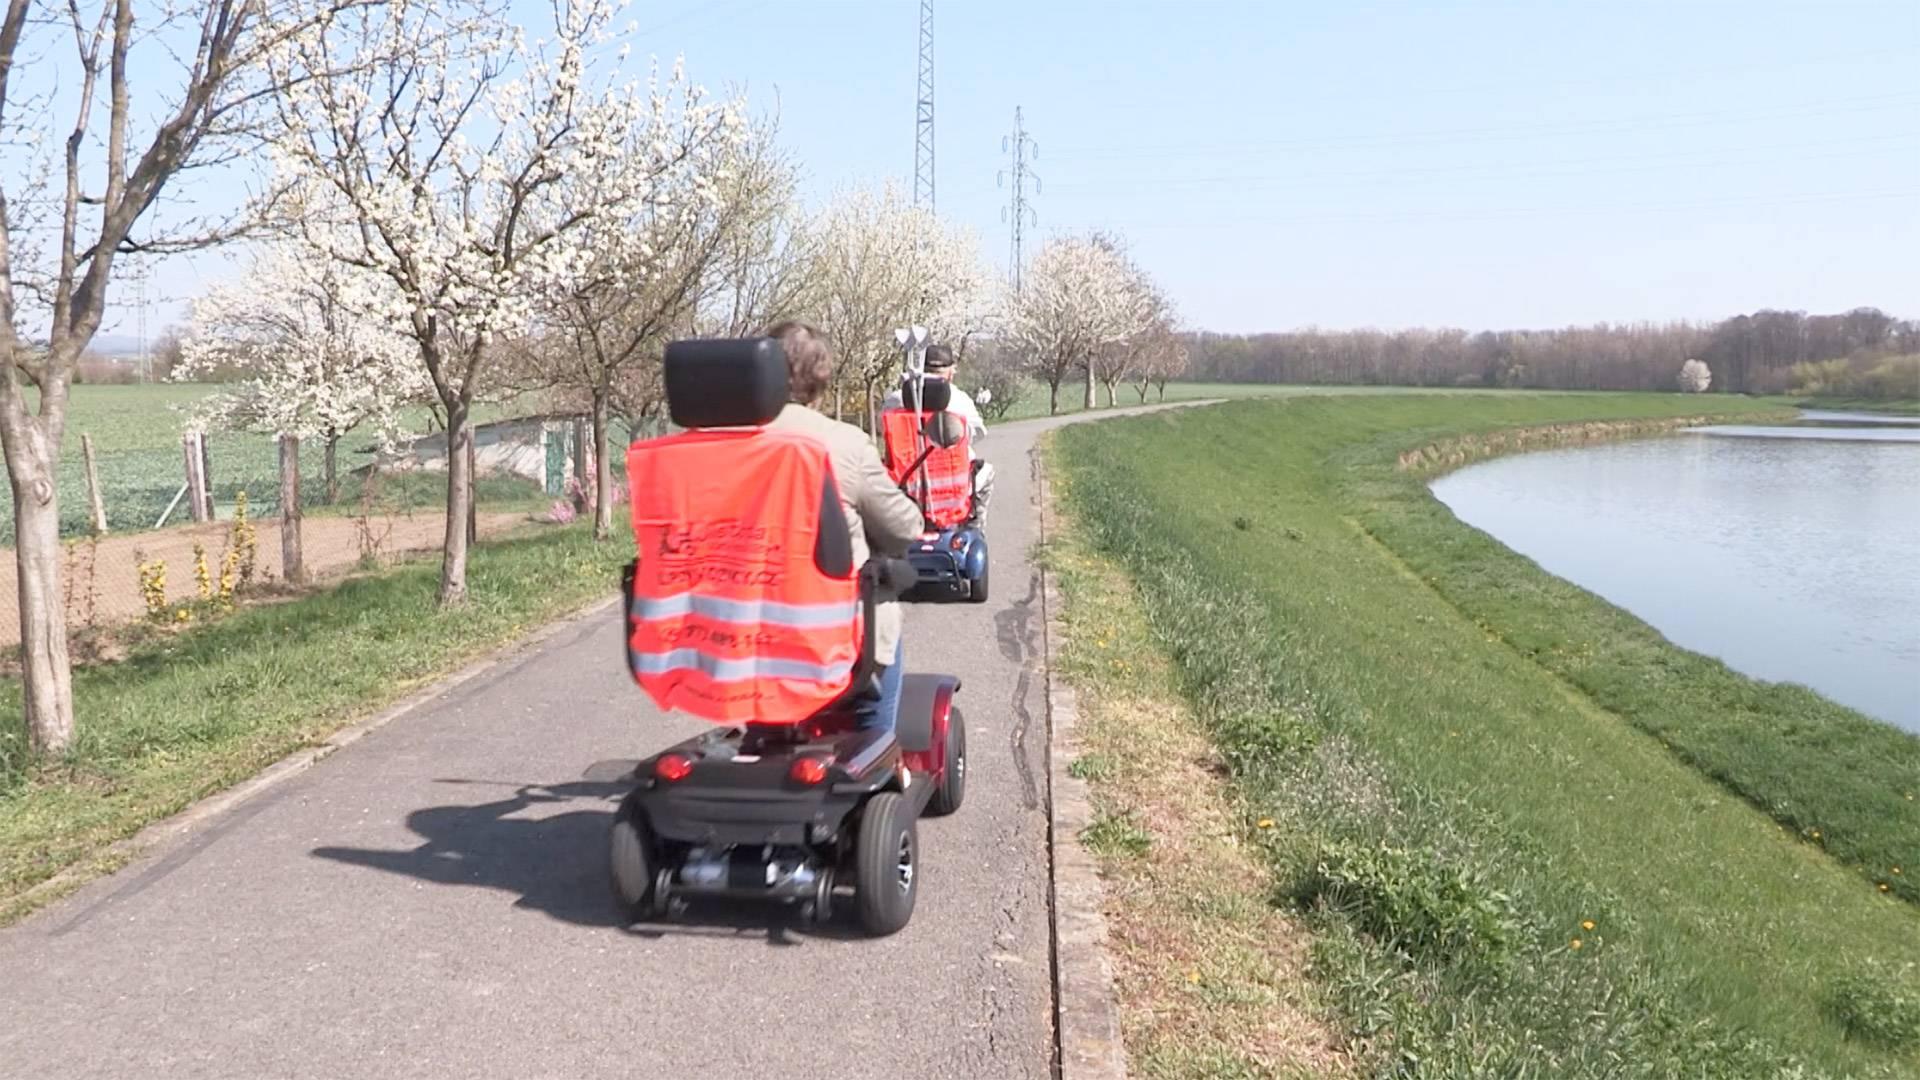 LPN mobility – český výrobce elektrických vozíků a skútrů